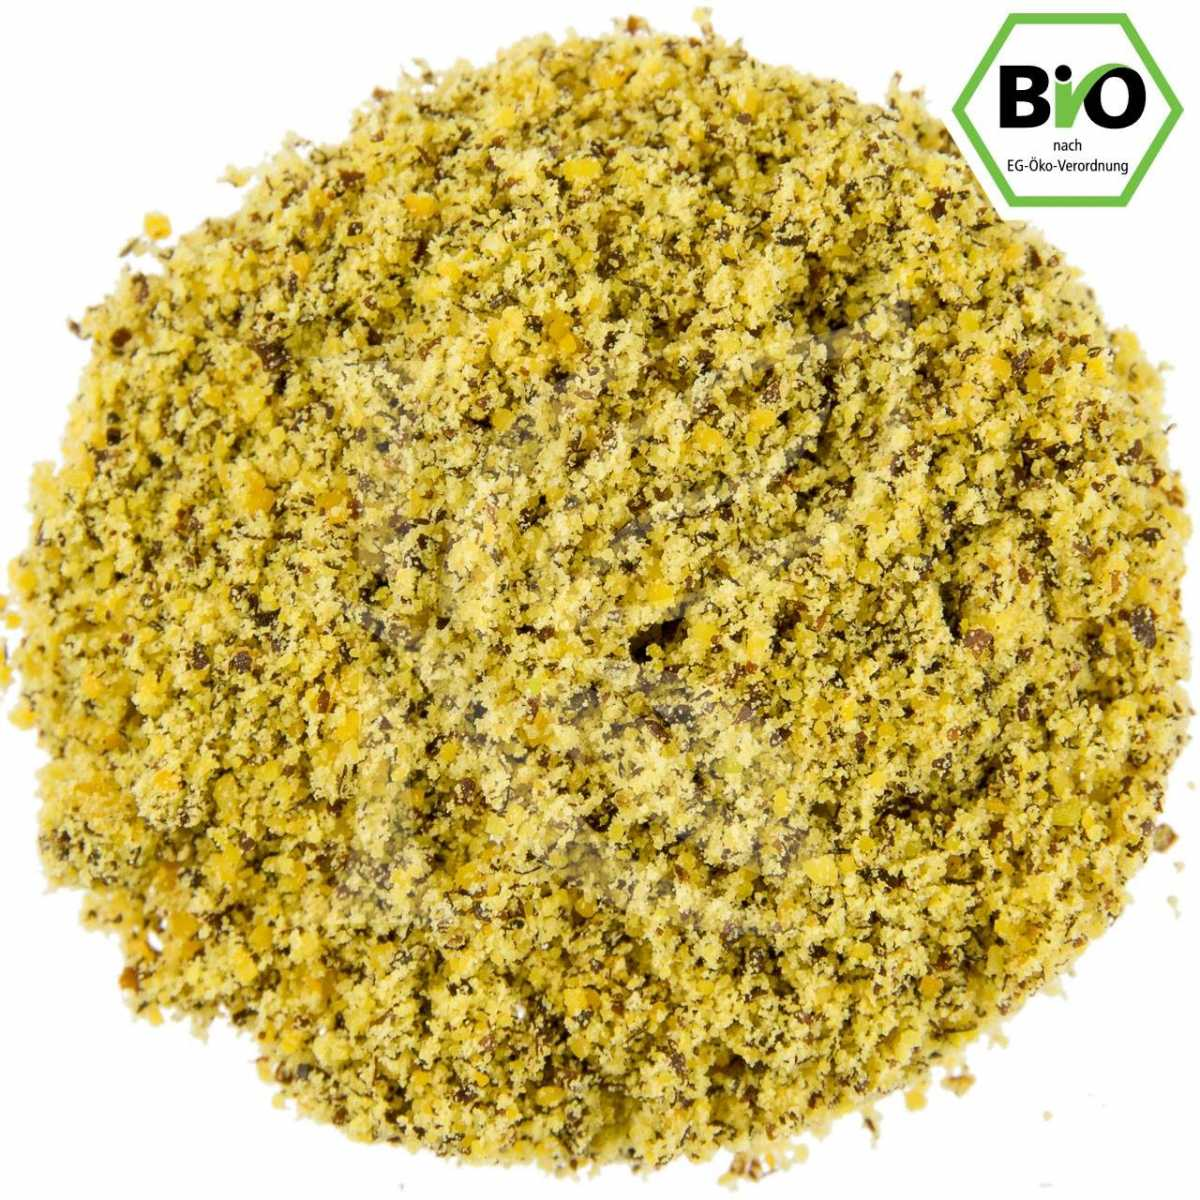 gemahlener Senf, braun, Bio in unserem Onlineshop kaufen